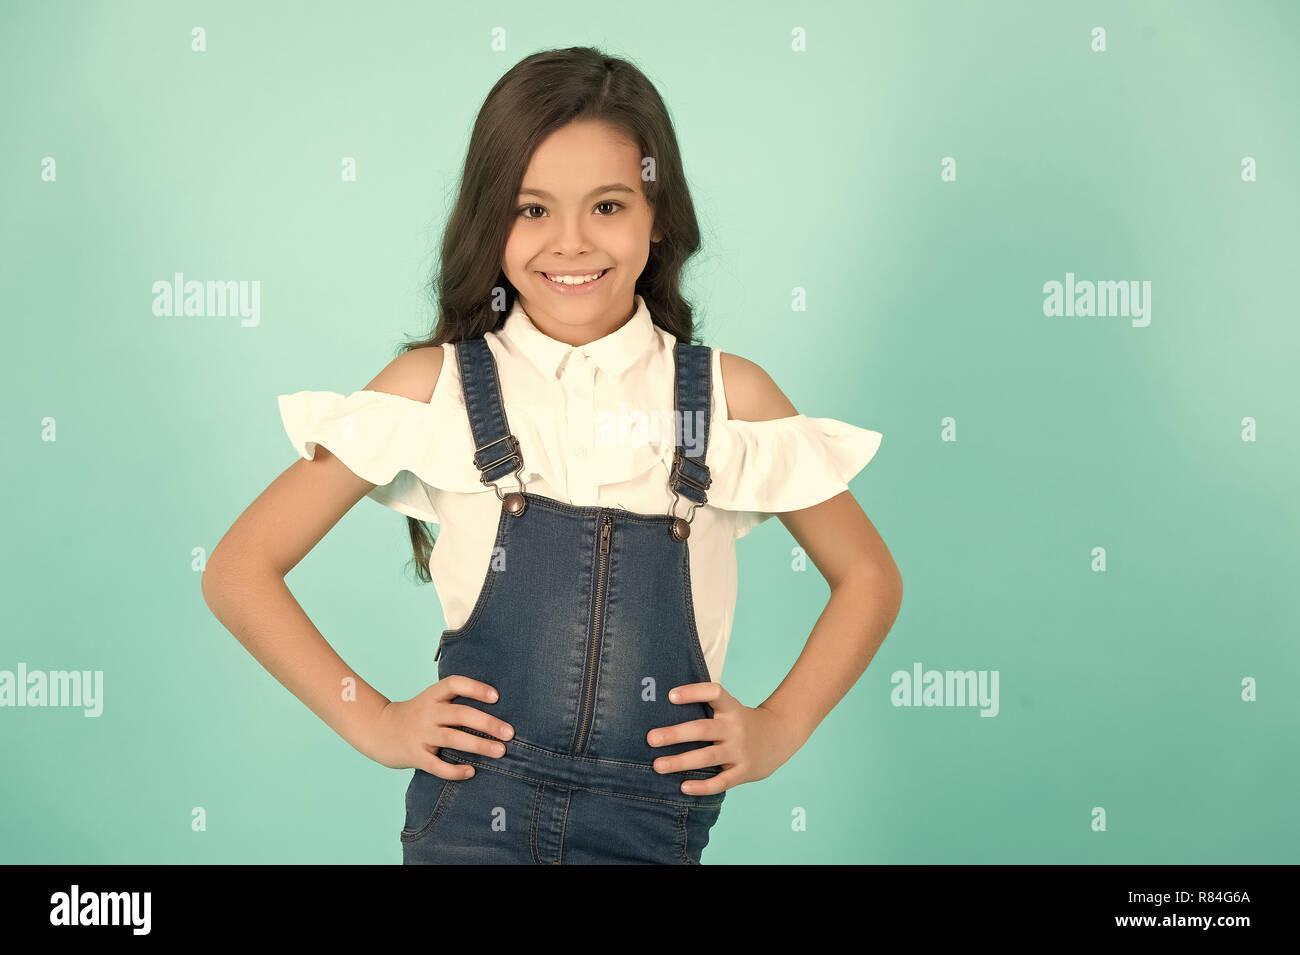 Kid Sorriso ragazza nel quartiere alla moda di jeans generale con le mani sul hip su sfondo blu. Moda, bellezza, stile look. Bambino felice, concetto di infanzia. Immagini Stock